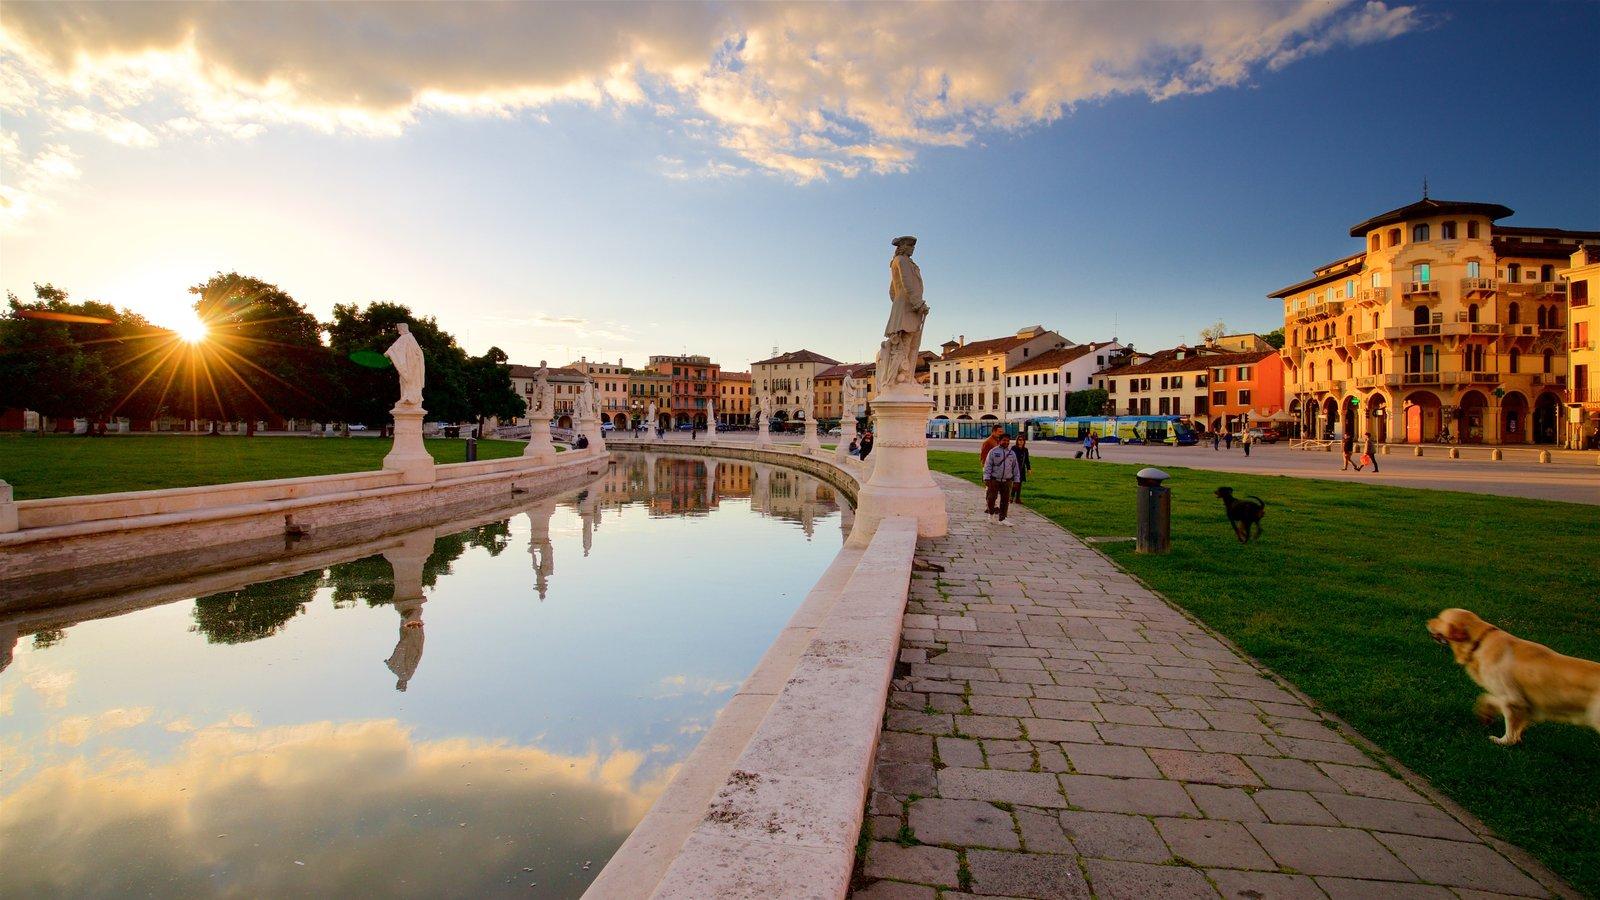 Prato della Valle ofreciendo un río o arroyo, una estatua o escultura y una puesta de sol